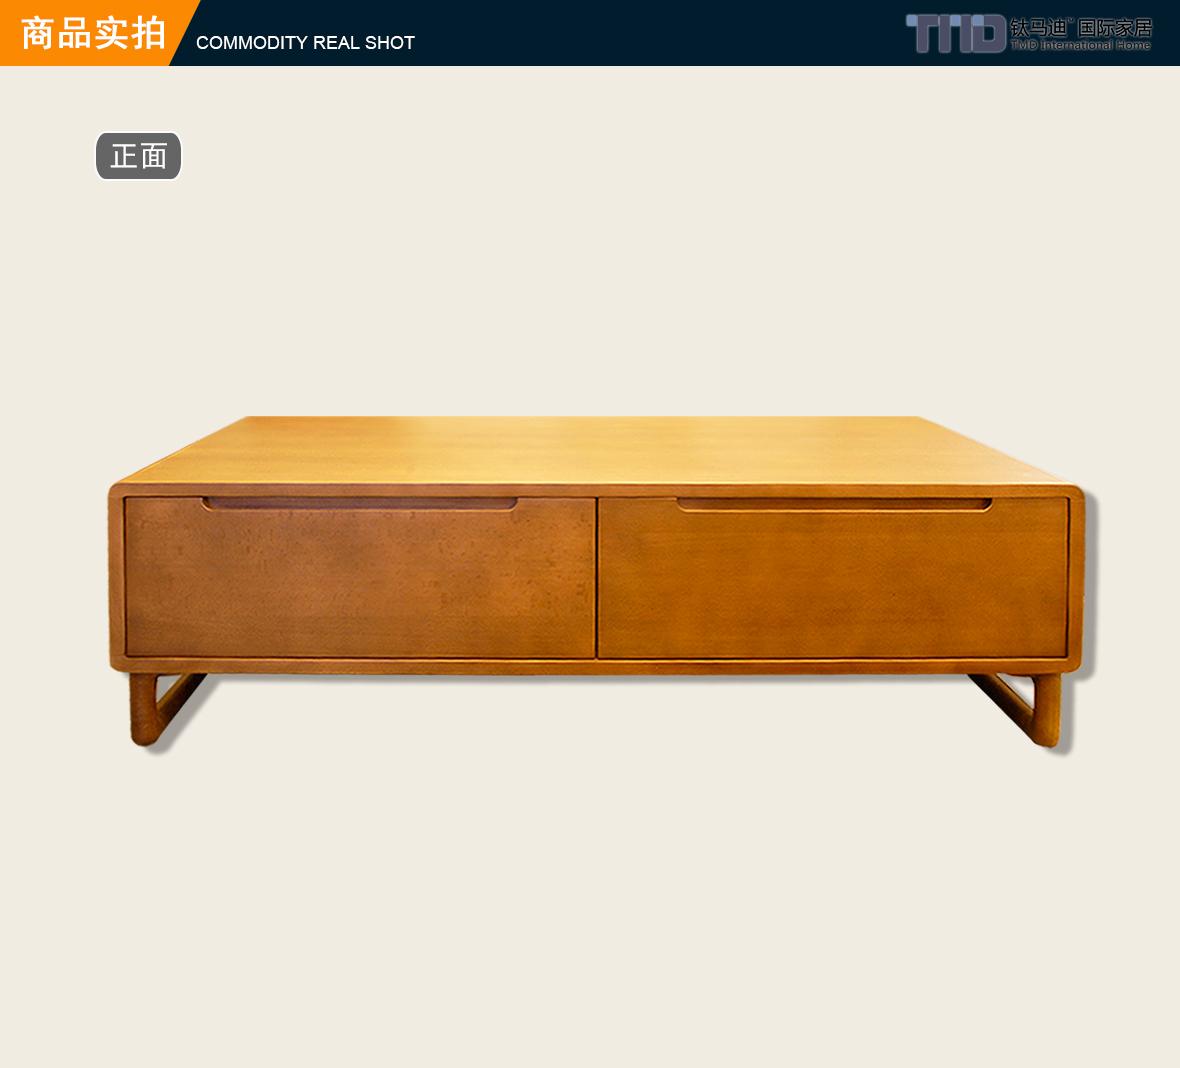 钛马迪 TK50型号长茶几 山毛榉木实木茶几 实木家具 实拍